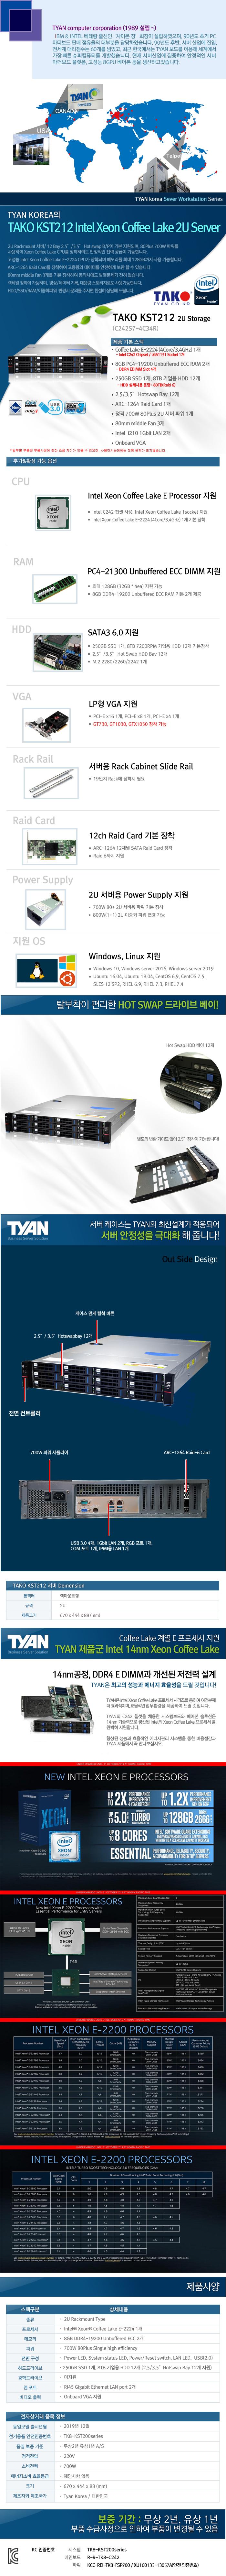 TYAN TAKO-KST212-(C242S7-4C34R) (16GB, SSD 250GB + 80TB)